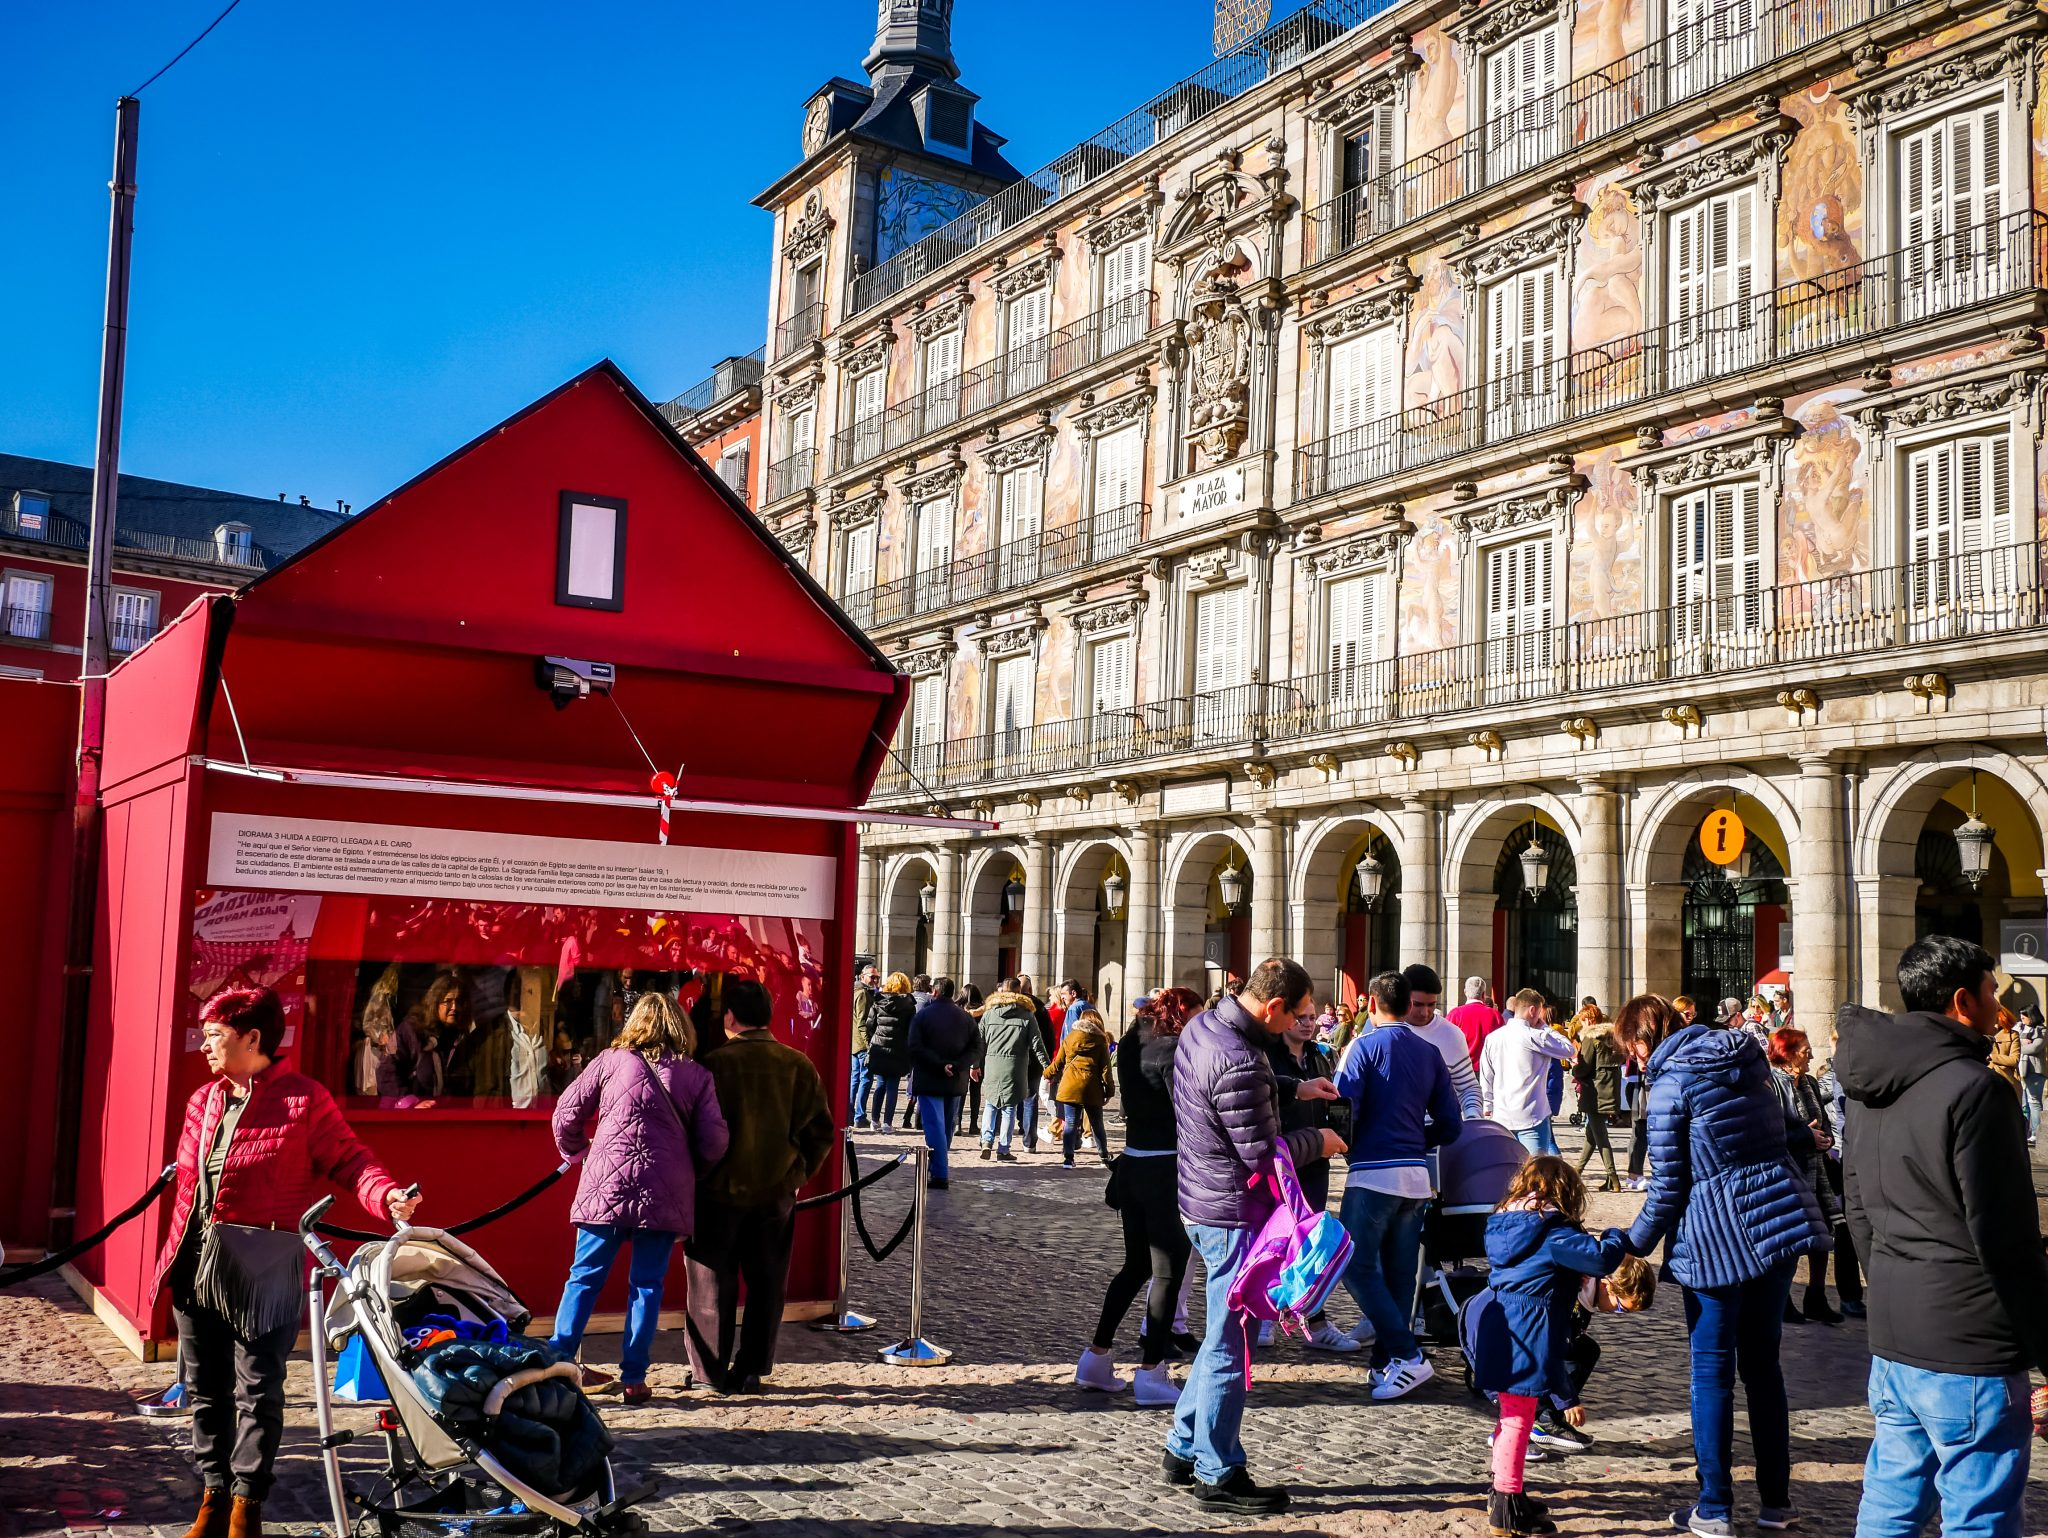 Das historische Gebäude auf dem Plaza Major kommt auch während des Weihnachtsmarktes gut zur Geltung.